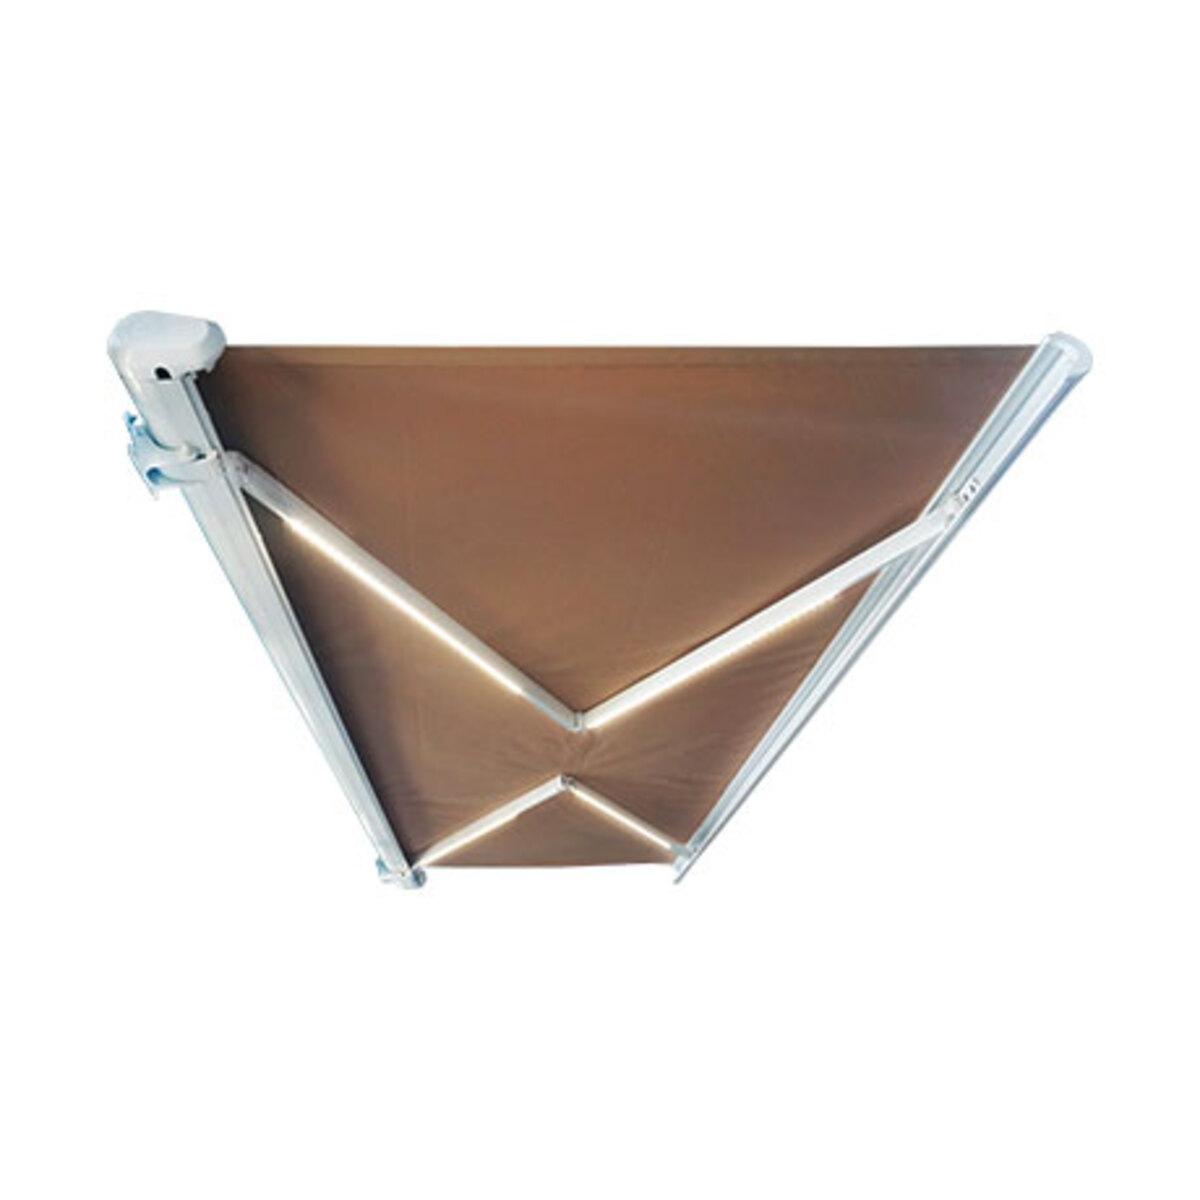 Bild 5 von LED-Vollkassettenmarkise 350x250 cm, sandfarben1